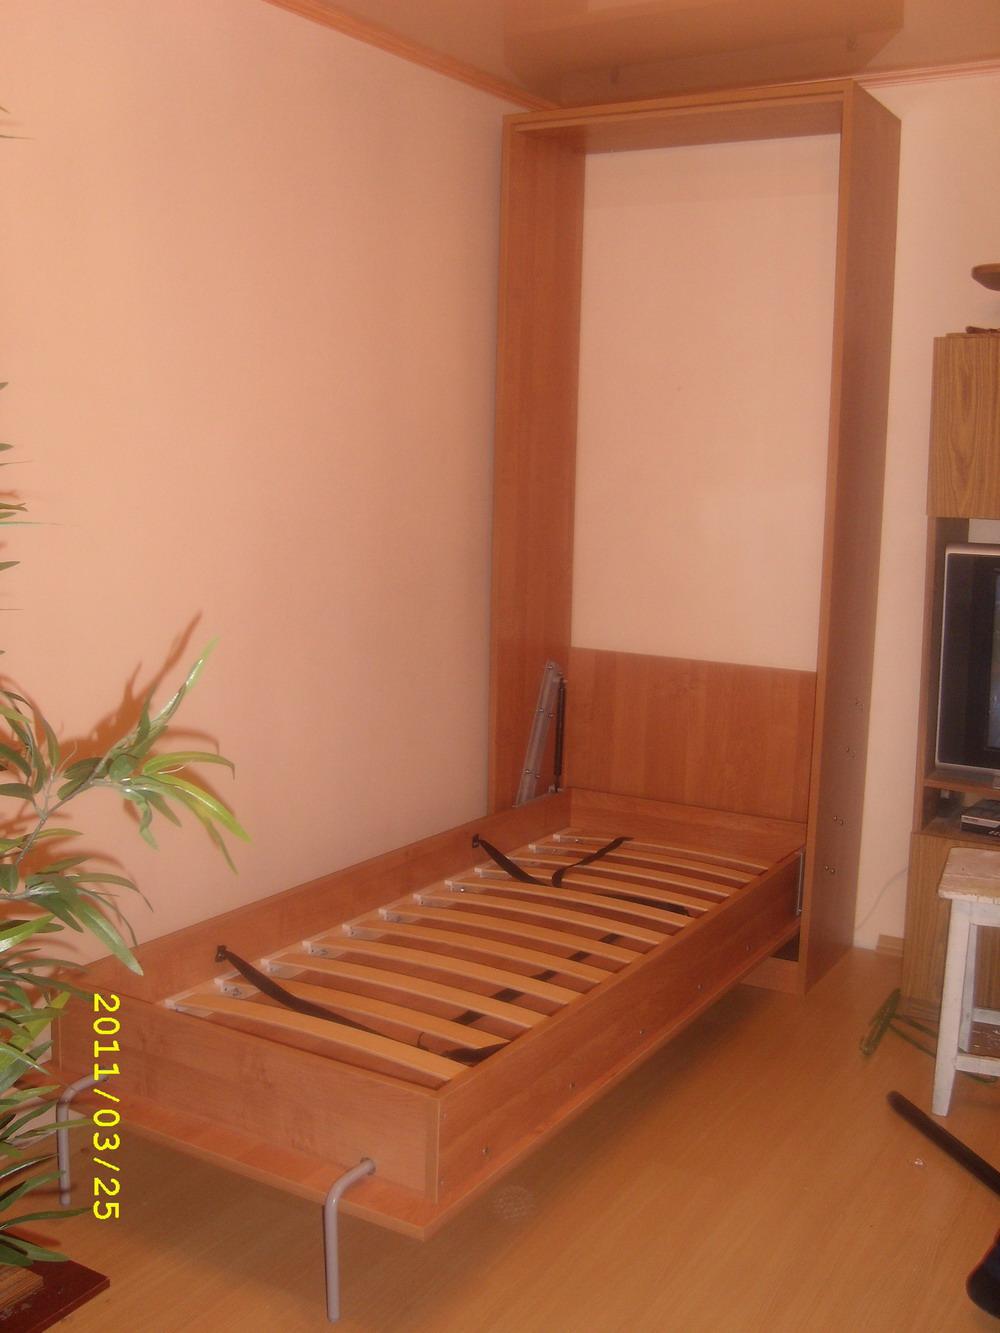 Кровать трансформер стол на балкон..